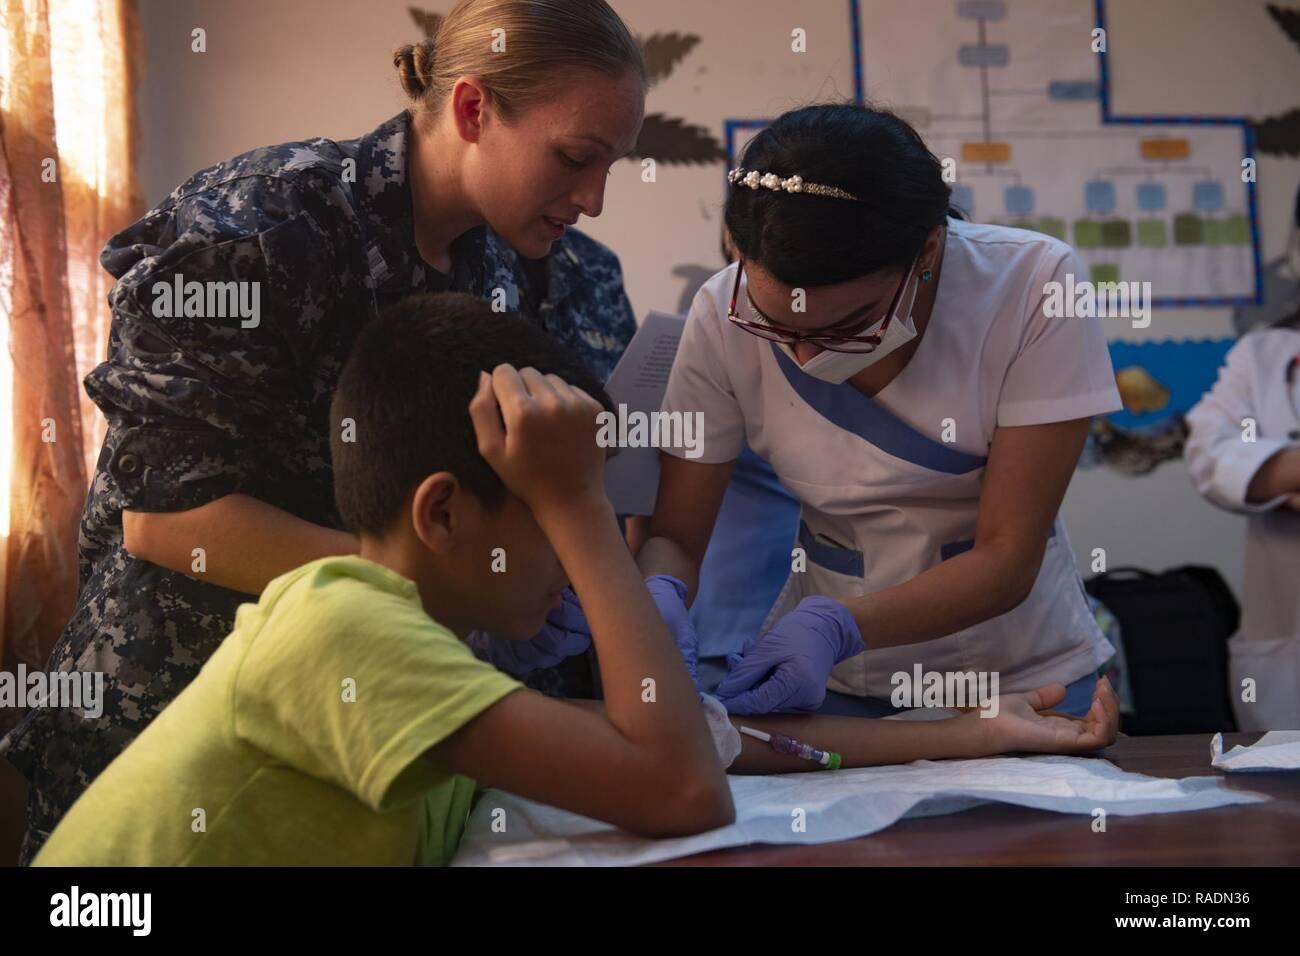 Blasenauftrag durch Krankenschwester